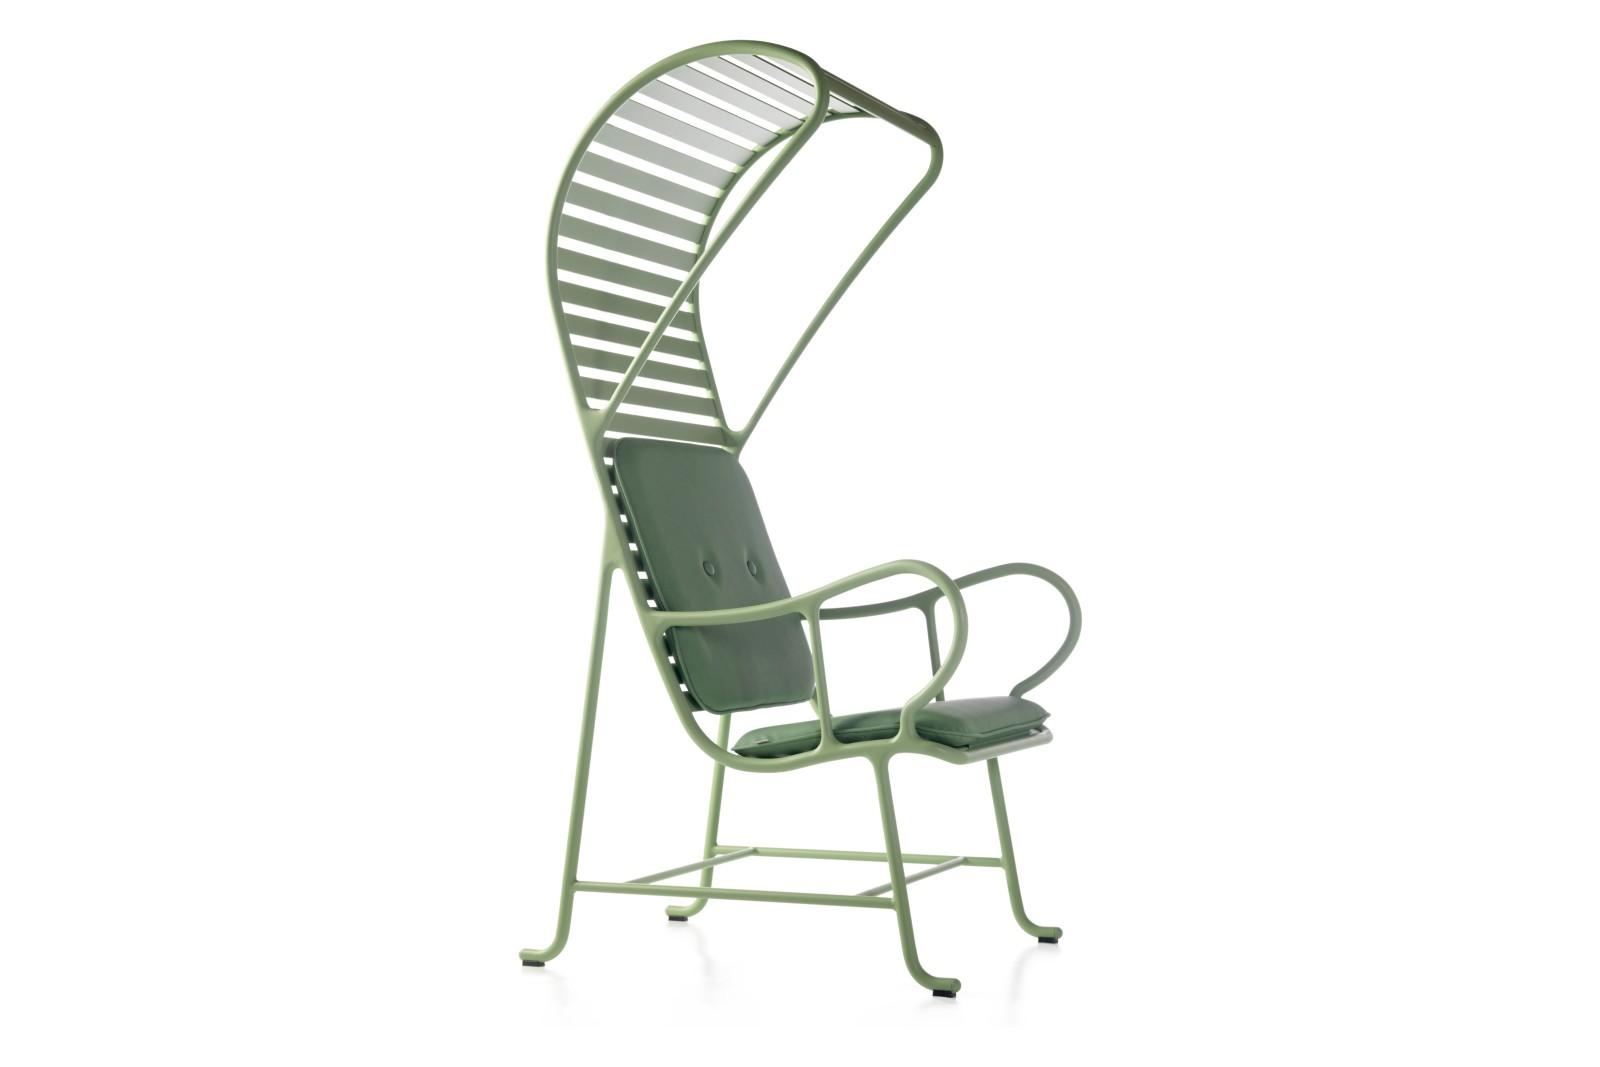 Gardenias Armchair with Pergola - Outdoor Gamma Green G03